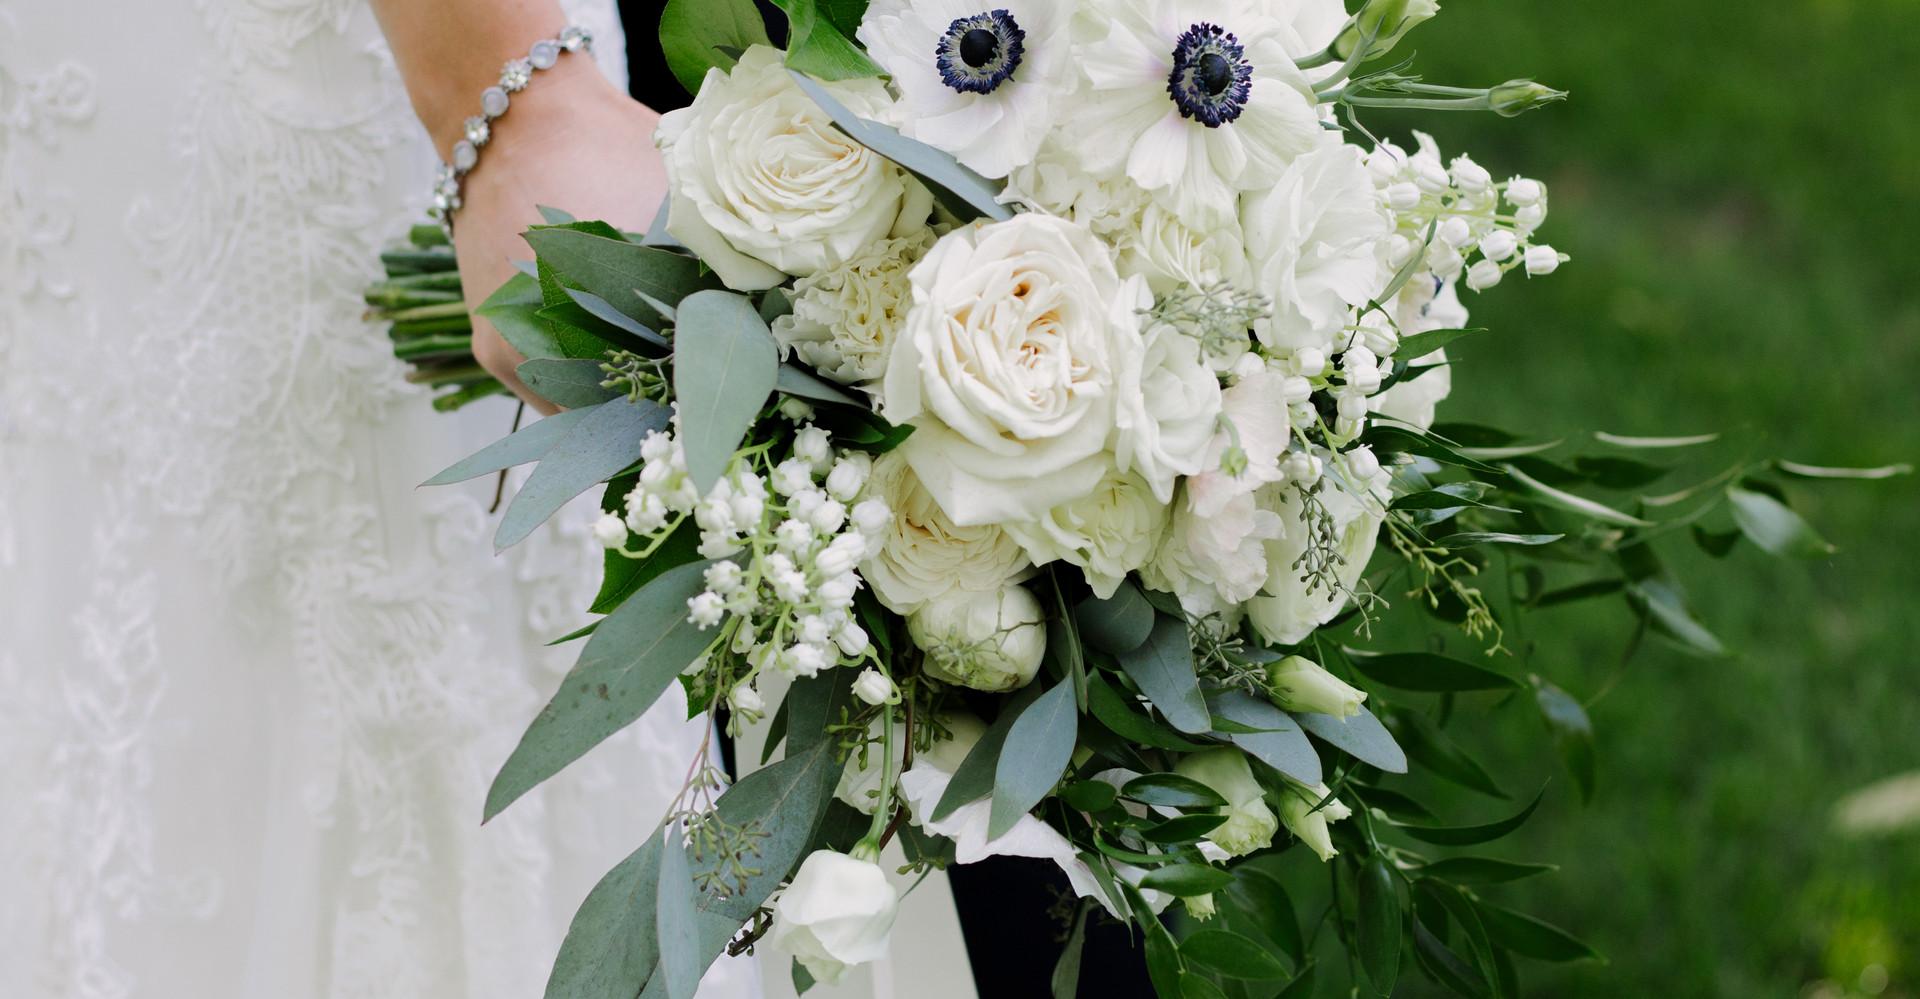 Bridget's bouquet